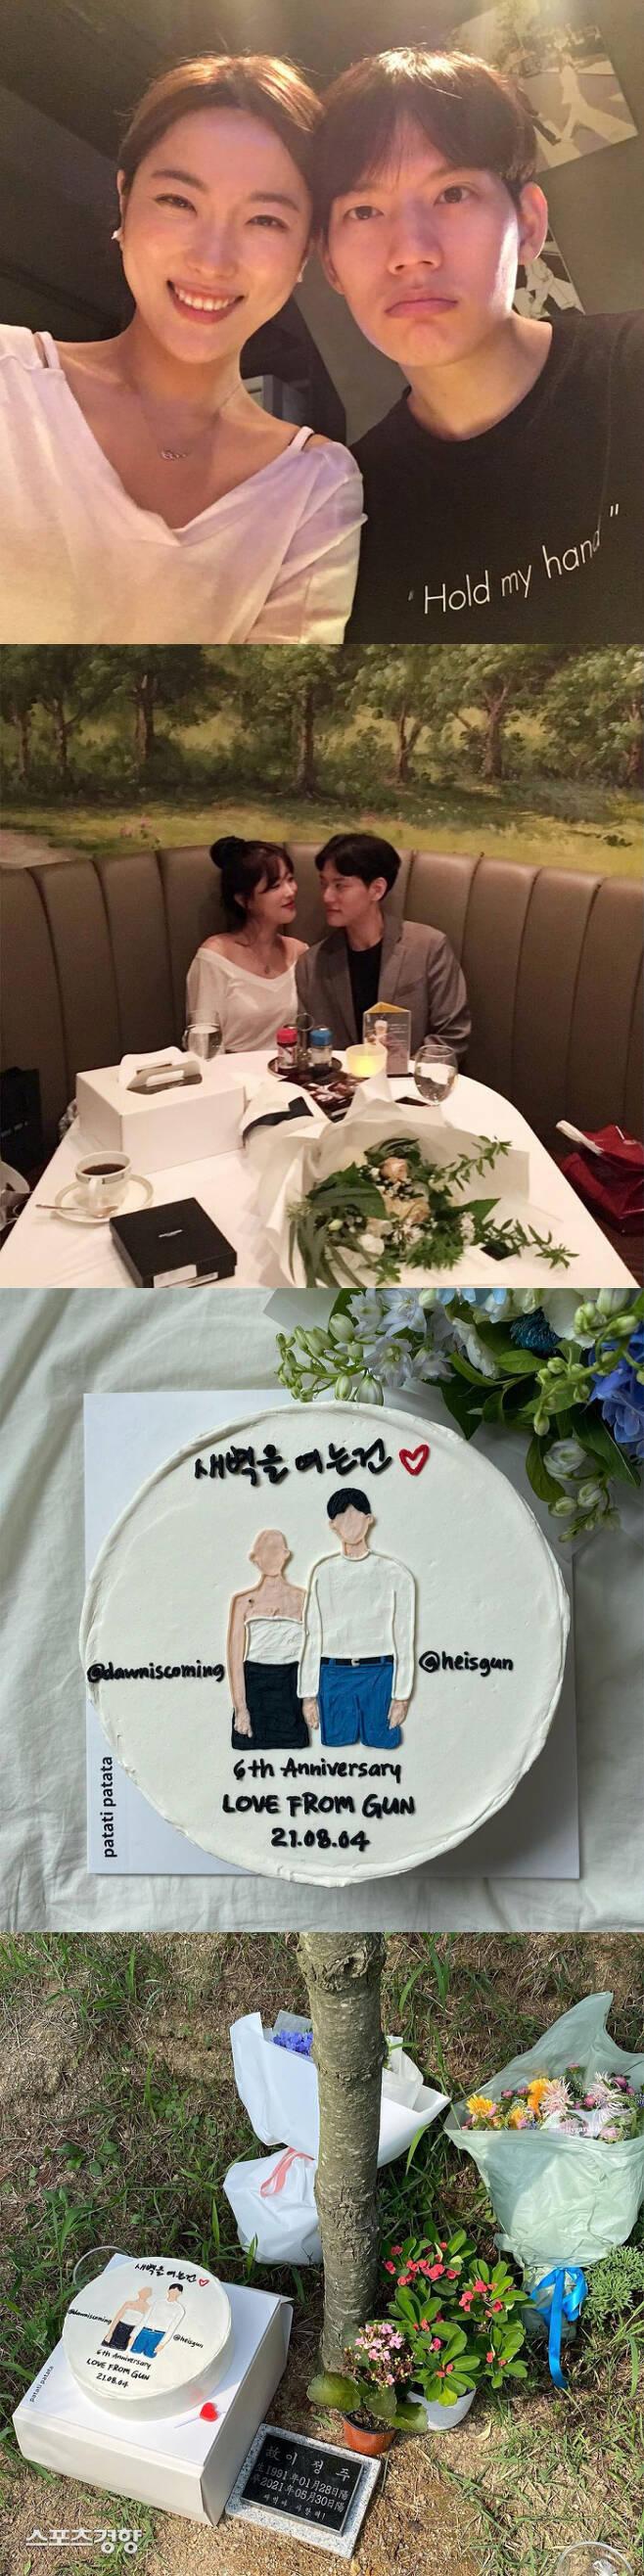 고 새벽의 연인이었던 민건씨가 고인과의 6주년을 기념하며 회상글을 남겼다. 인스타그램 캡처